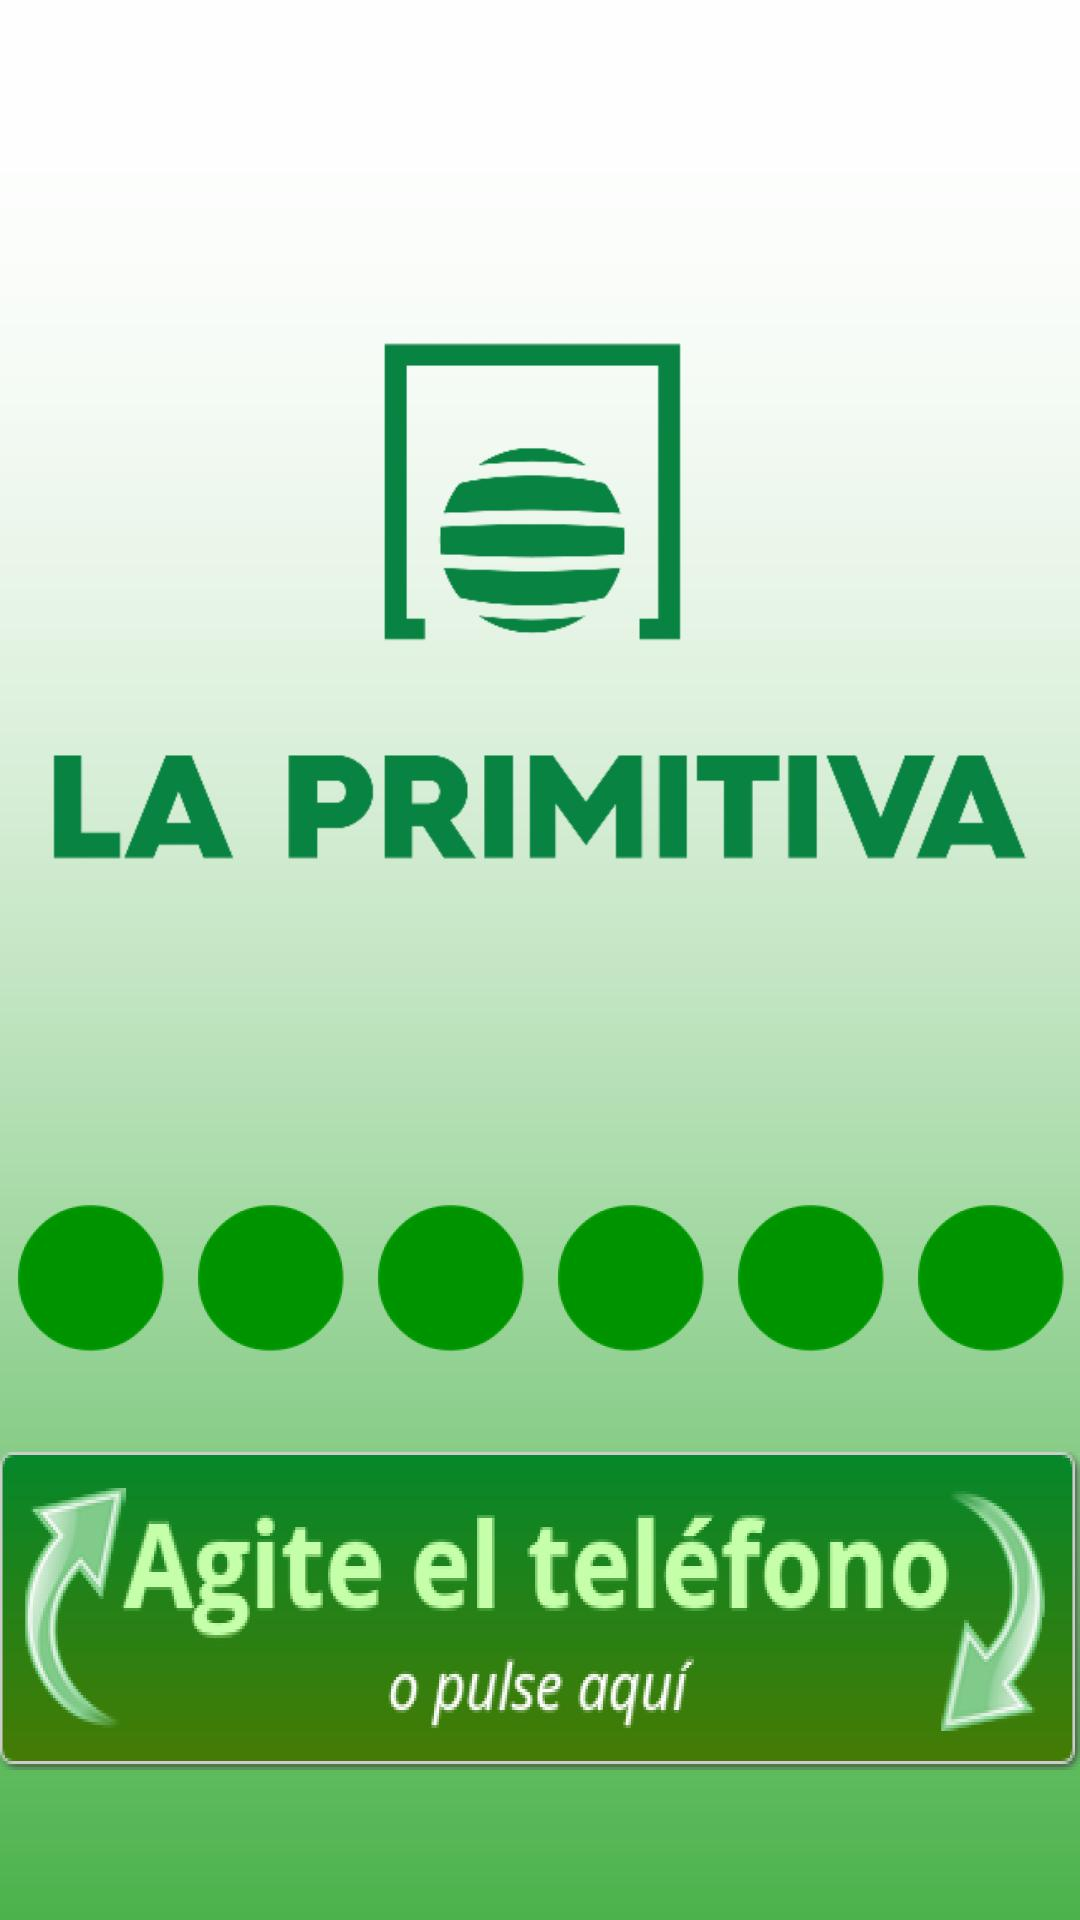 Лотерея la primitiva - как играть из россии   лотереи мира